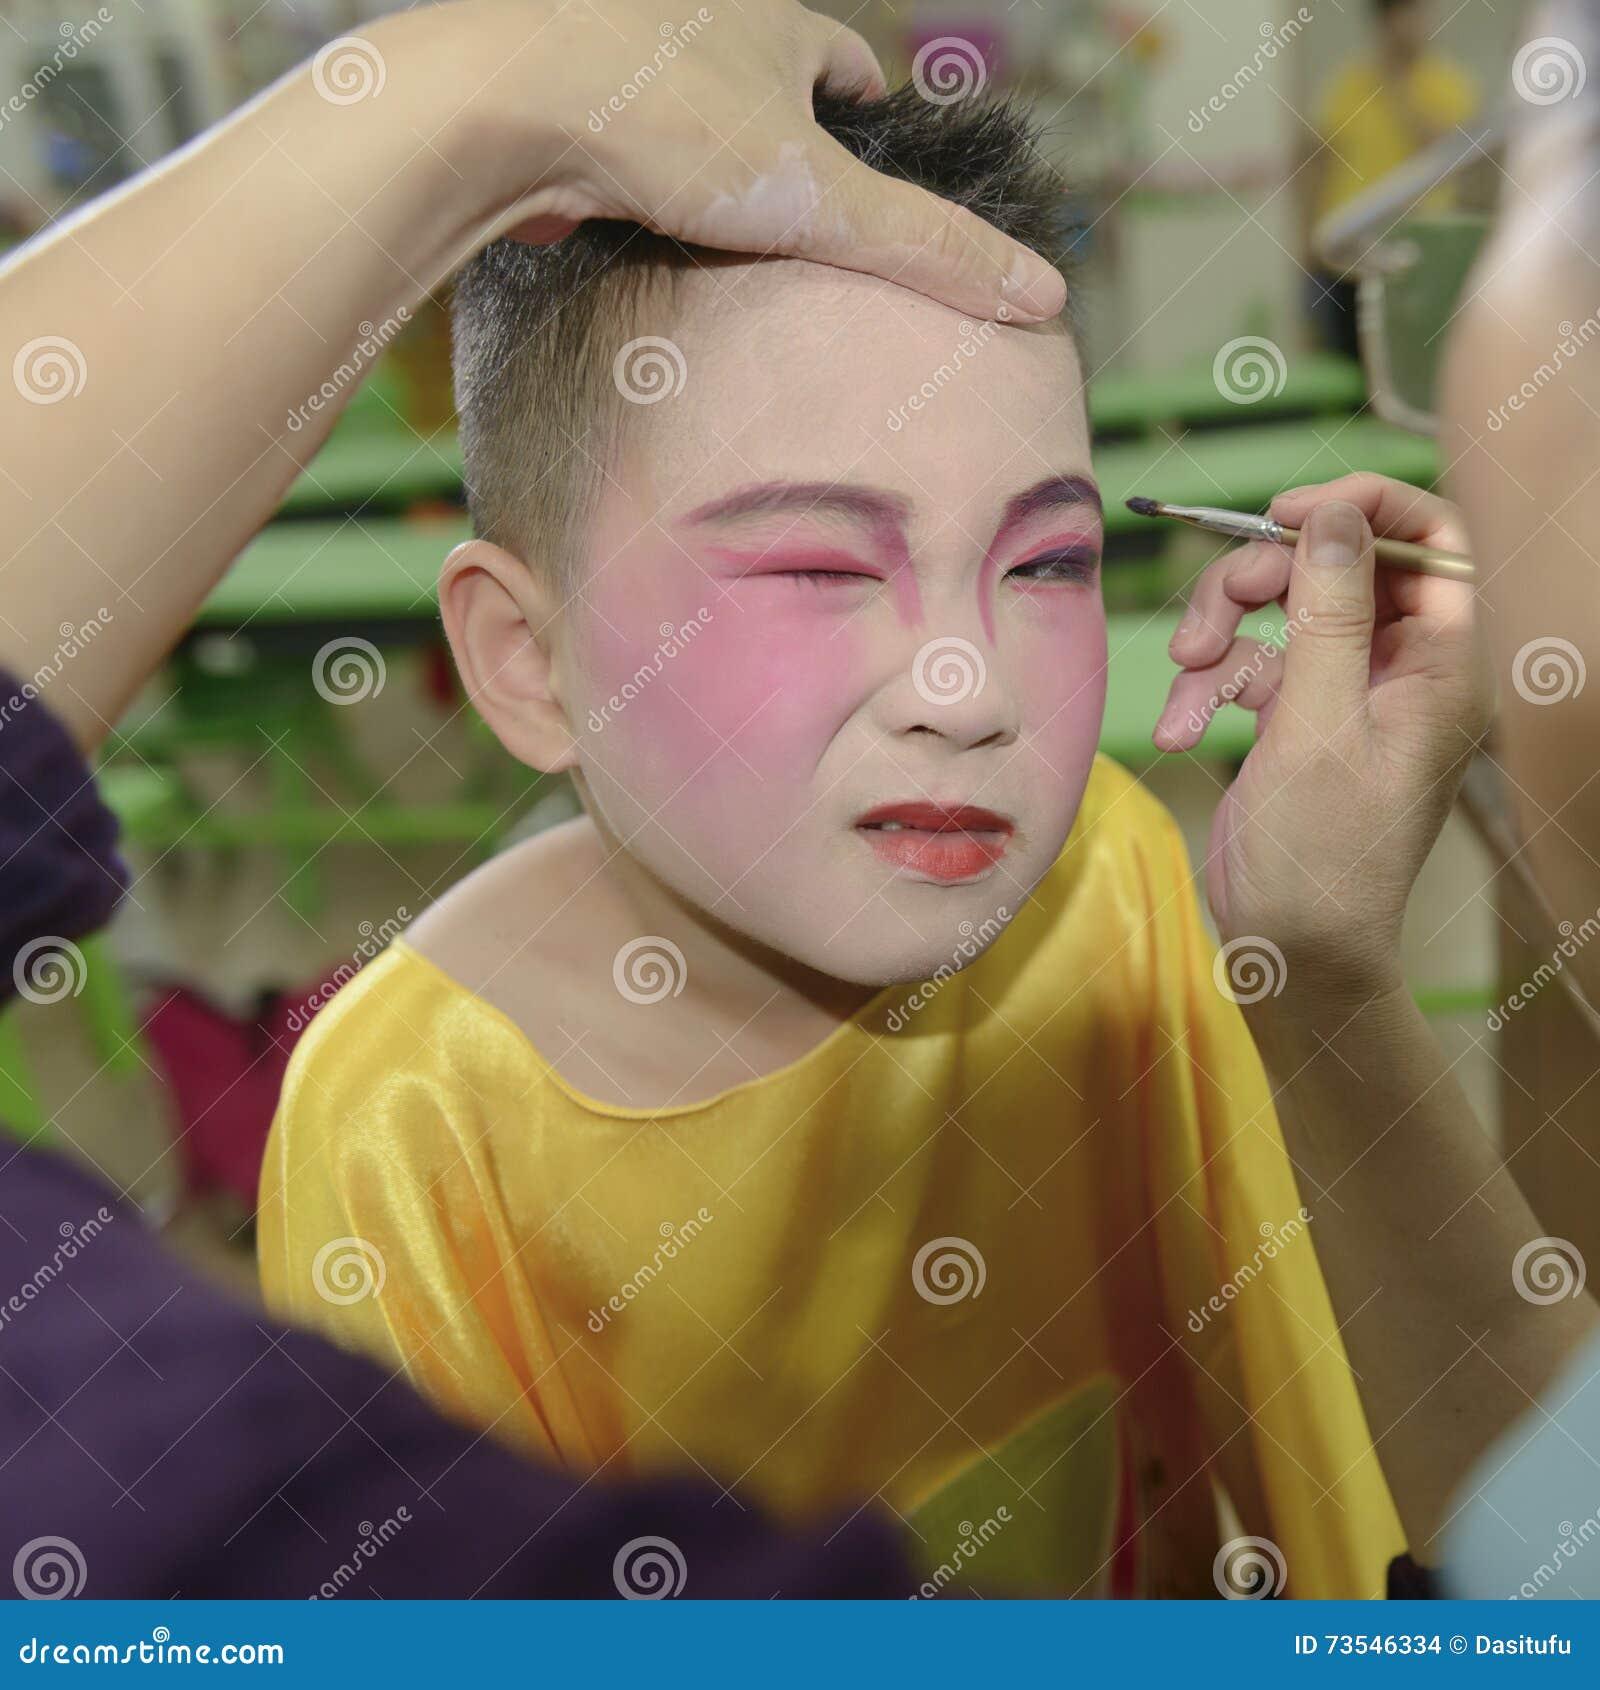 Kid makeup stock photo  Image of school, china, makeup